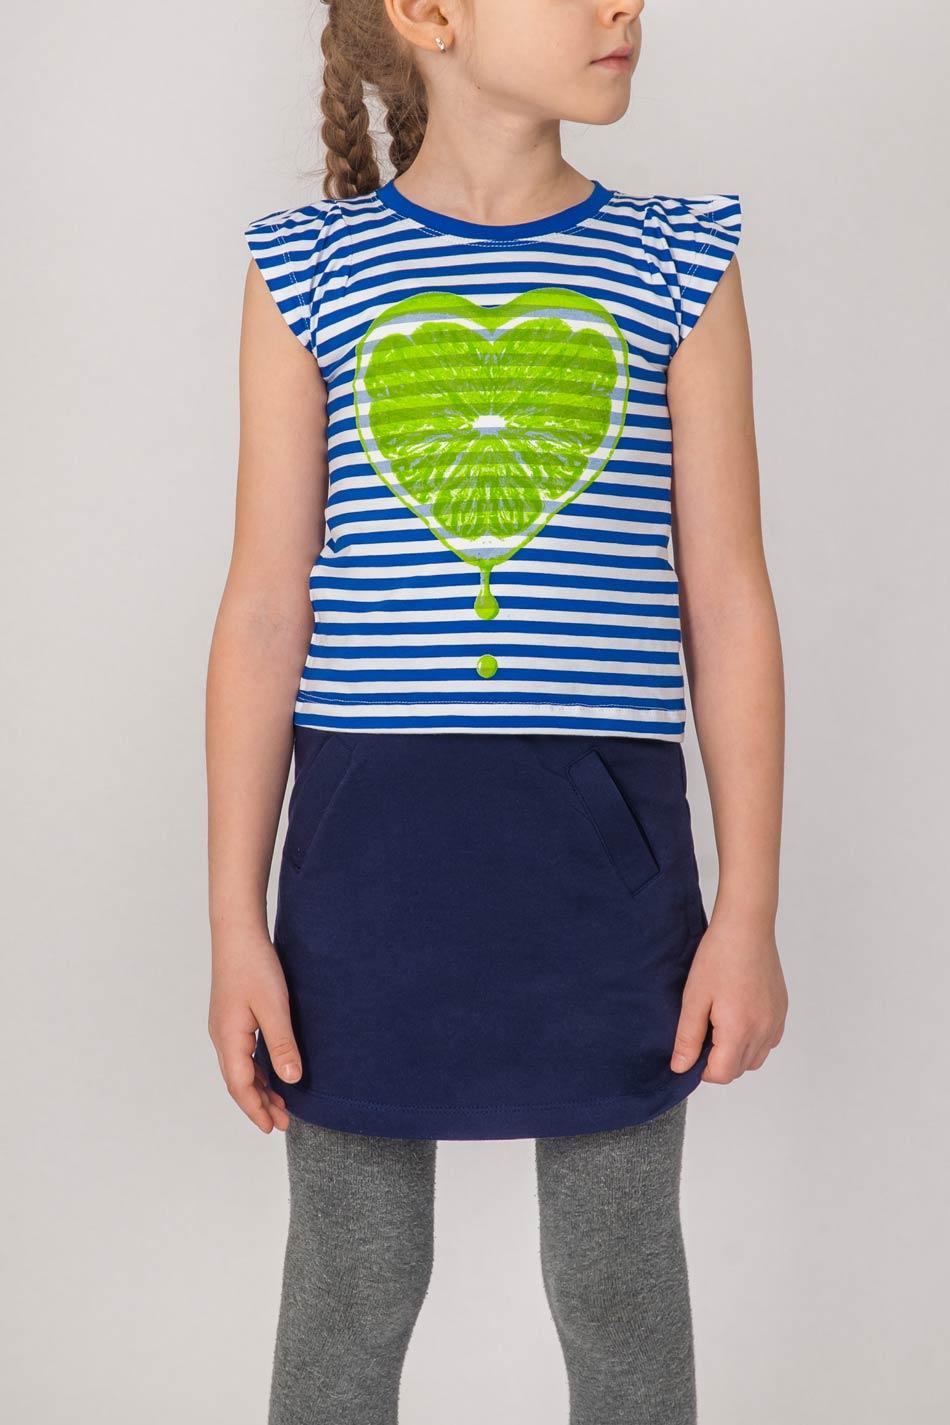 Юбка для девочки Памела с карманамиКоллекция ВЕСНА-ЛЕТО<br><br><br>Размер: 110